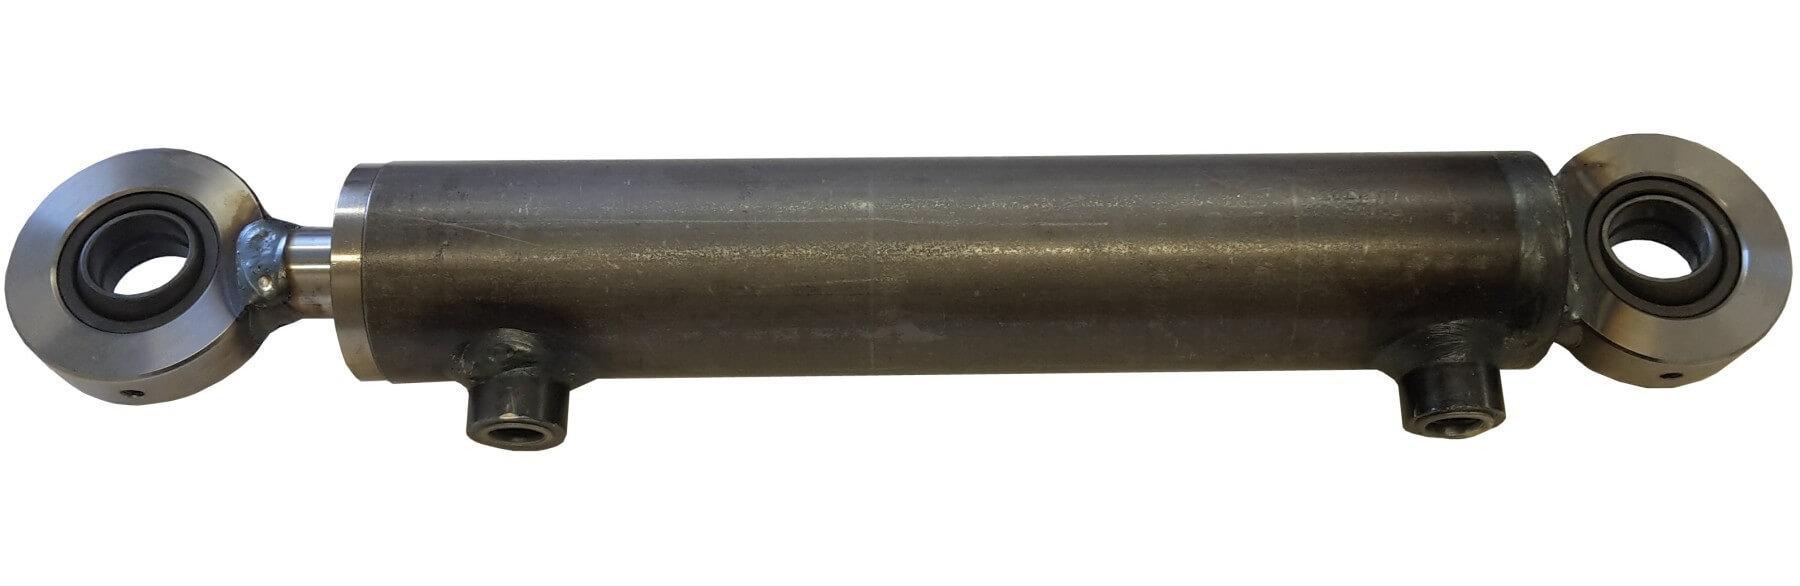 Hydraulisylinteri CL 70. 40. 300 GE - Kailatec Oy Verkkokauppa